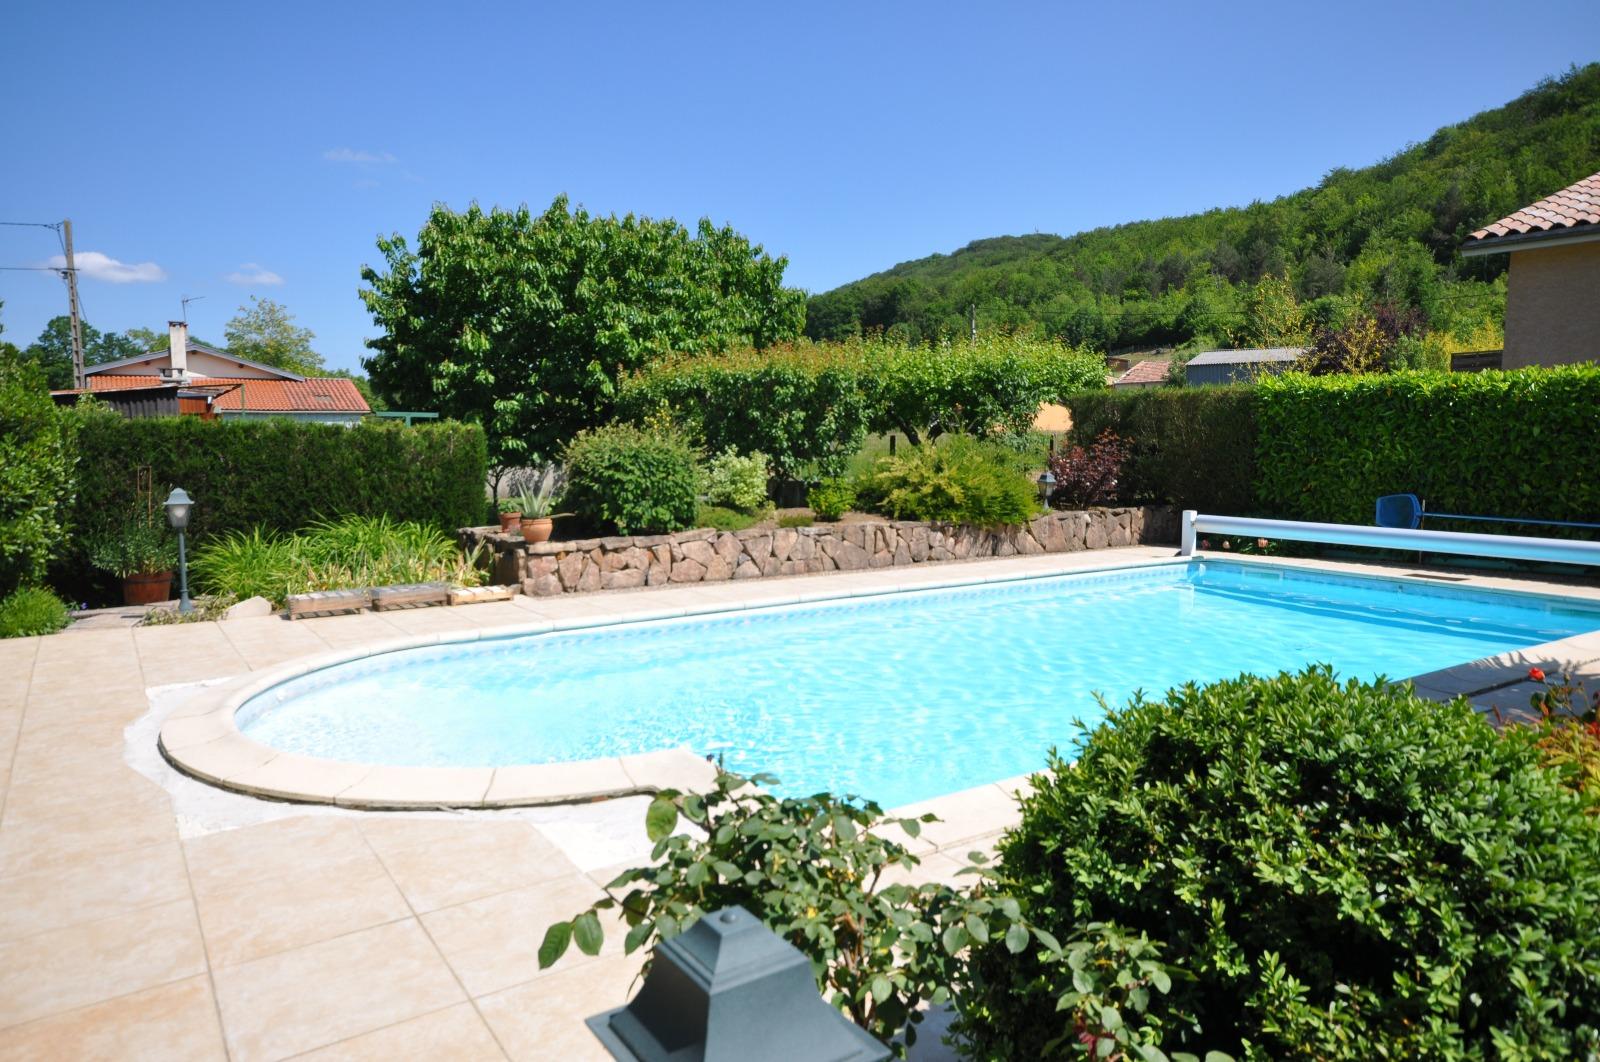 Lavelanet belle maison avec piscine unchezvous - Belle maison avec piscine ...